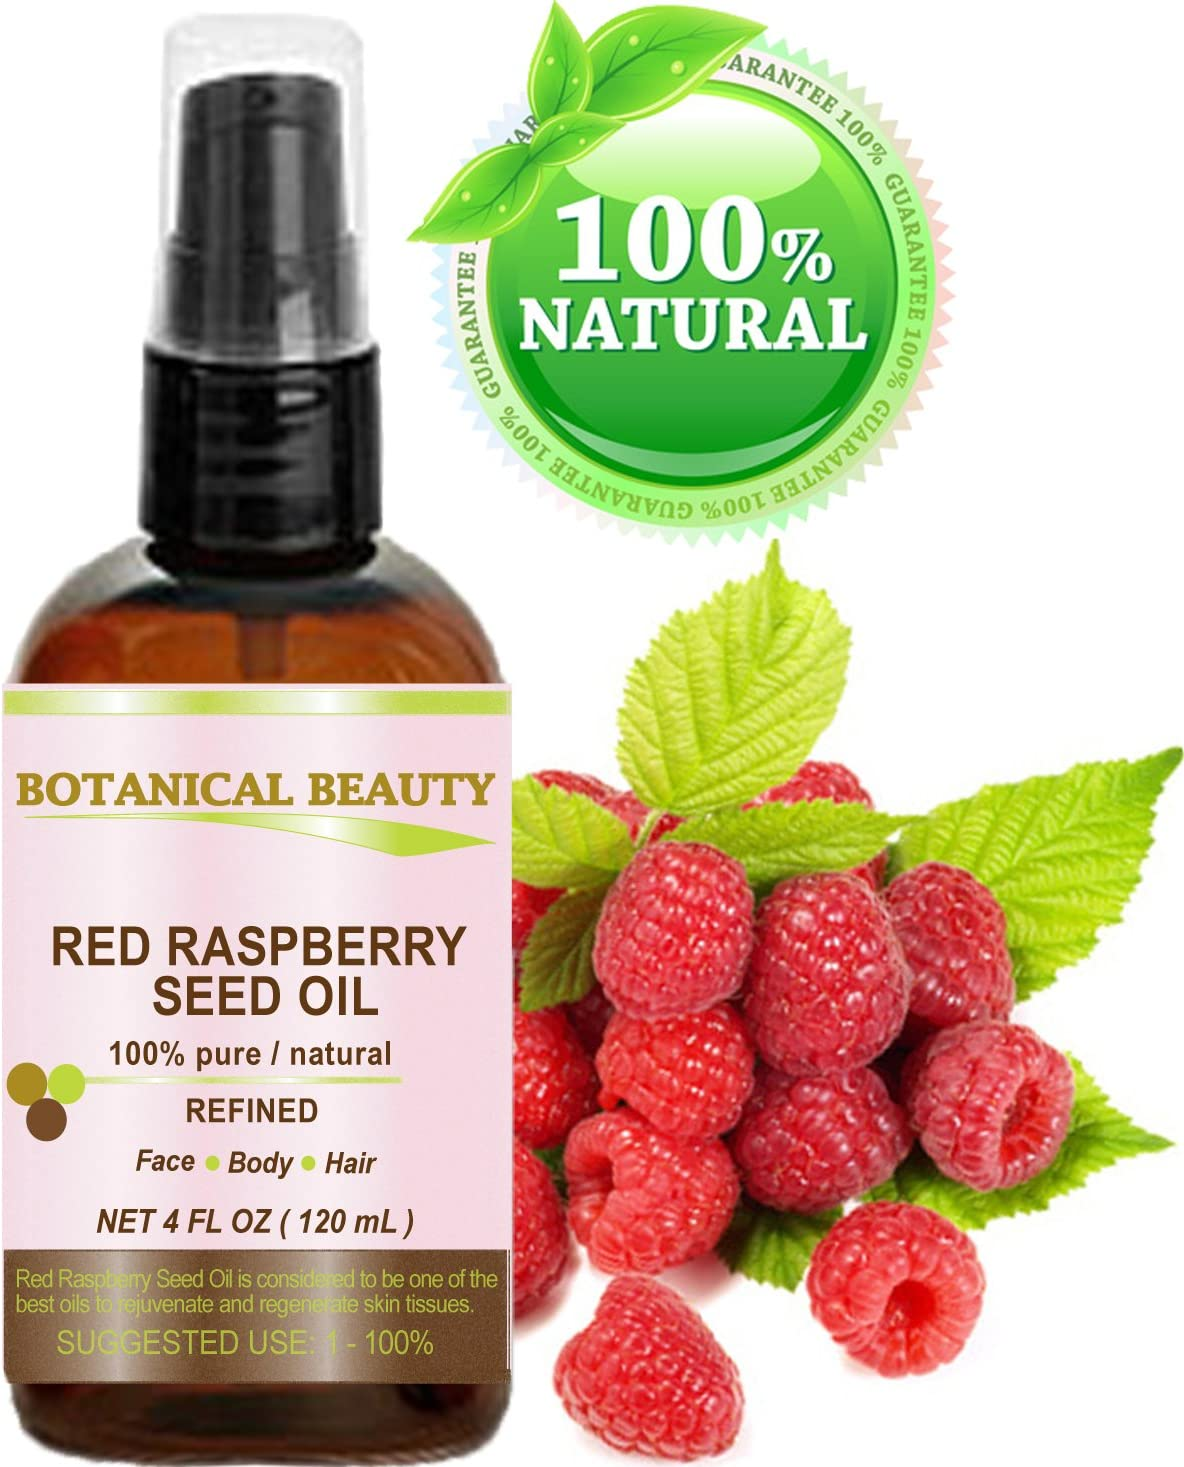 Botanical Beauty - Aceite de Semilla de Frambuesa Roja. 100% Puro / Natural / Sin Diluir / Prensado en Frío. 120ml. Para Cuidado de la Piel, Cabello, Labios y Uñas. 'Uno de los Mejores Antioxidantes,